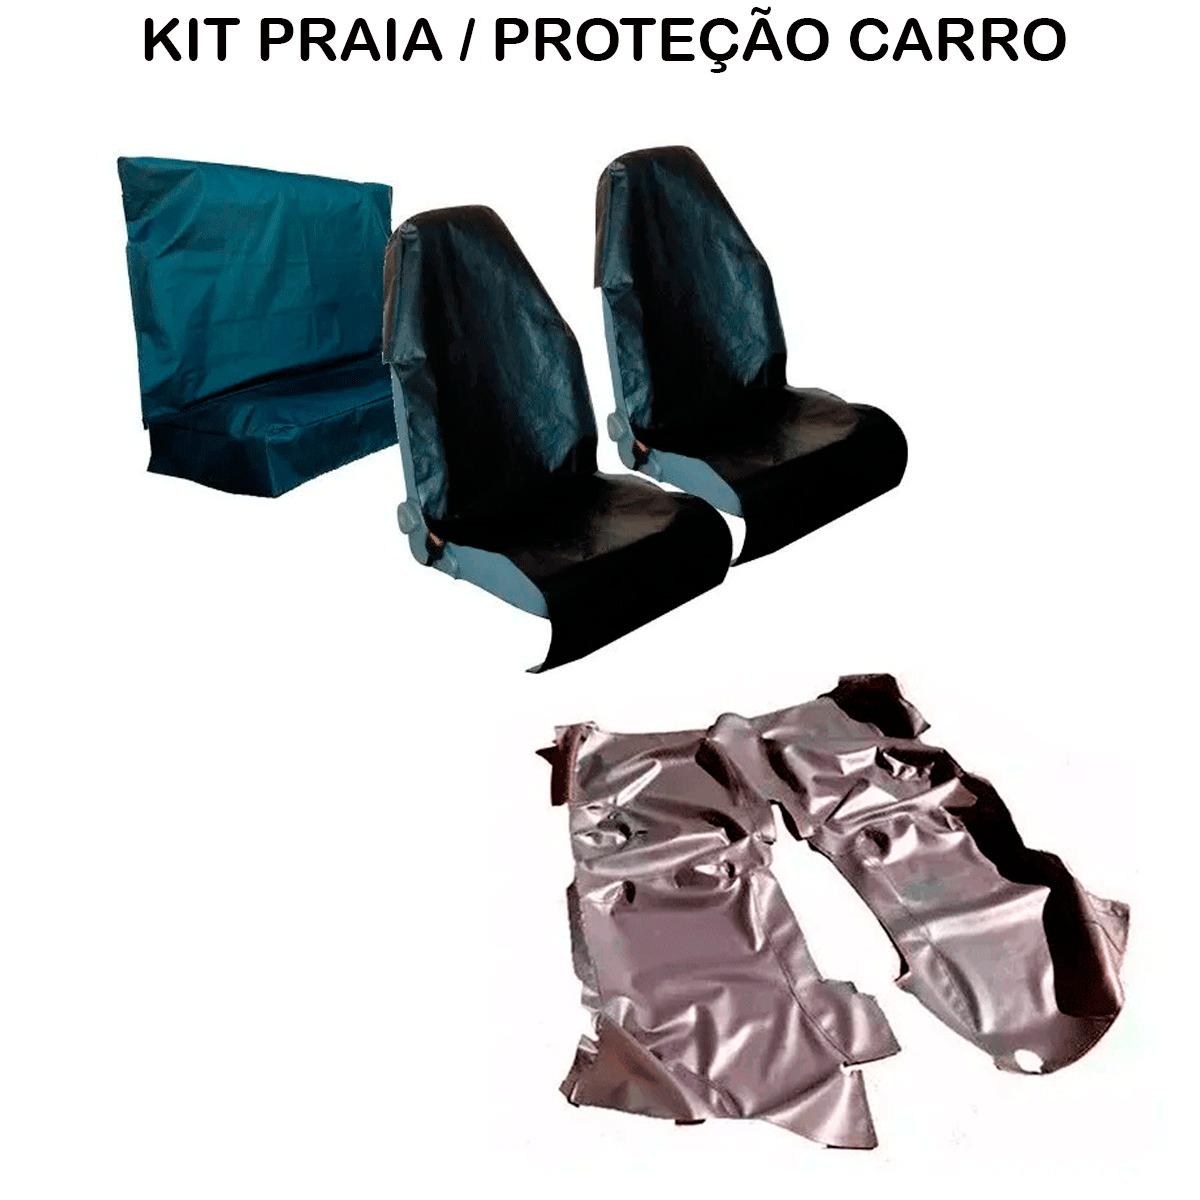 Tapete Em Vinil Ford Ranger Dupla até 2011 + Capa Banco Protecao Banco Areia Suor Academia